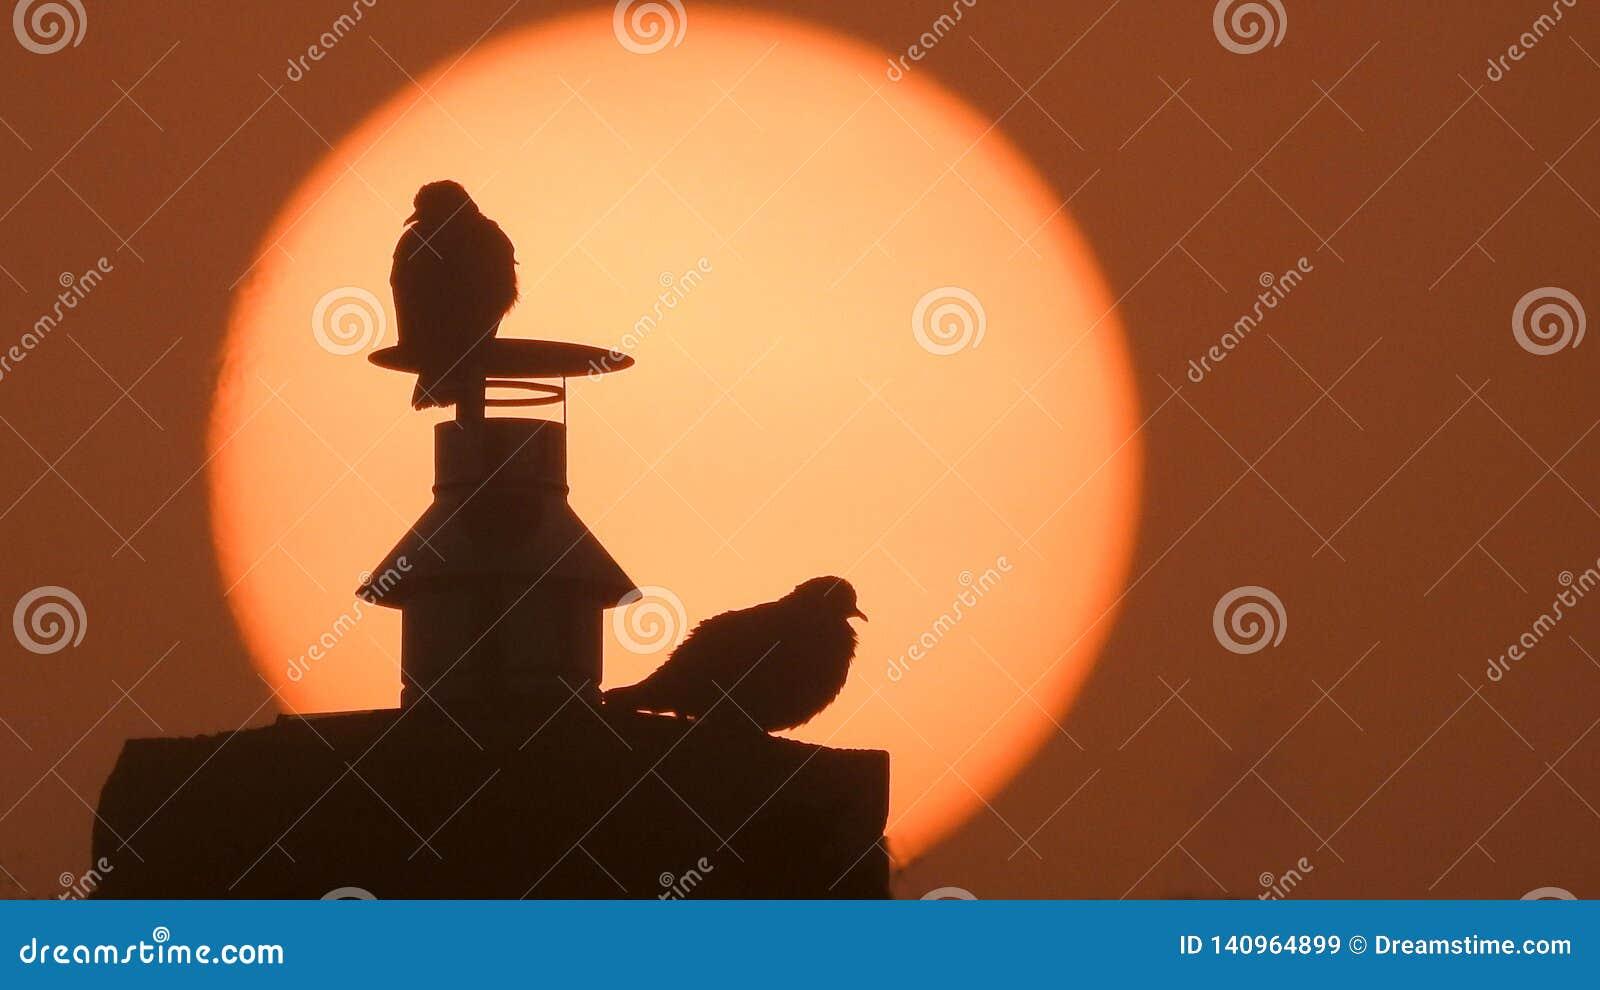 Twee duiven op een schoorsteen met een grote oranje ochtendzon op de achtergrond